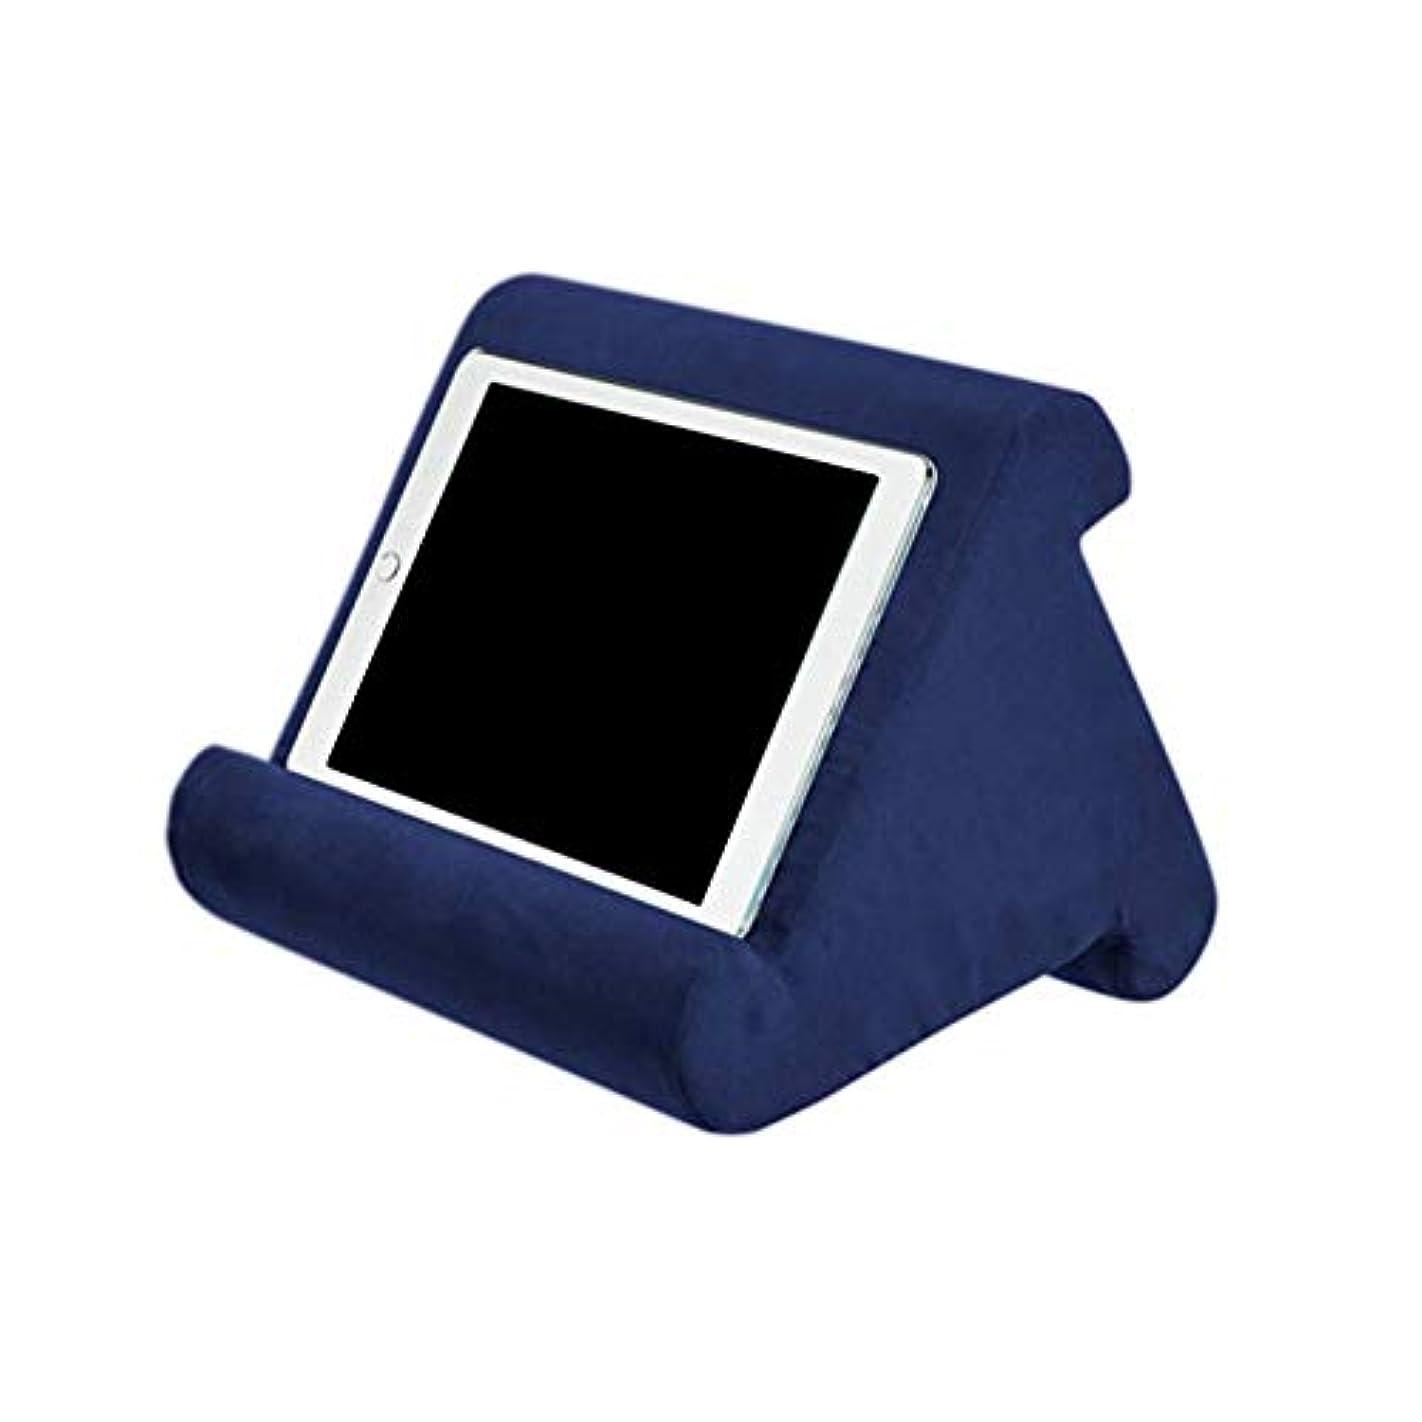 値下げ最小習熟度LIFE 家庭用タブレット枕ホルダースタンドブック残り読書サポートクッションベッドソファマルチアングルソフト枕ラップスタンドクッション クッション 椅子